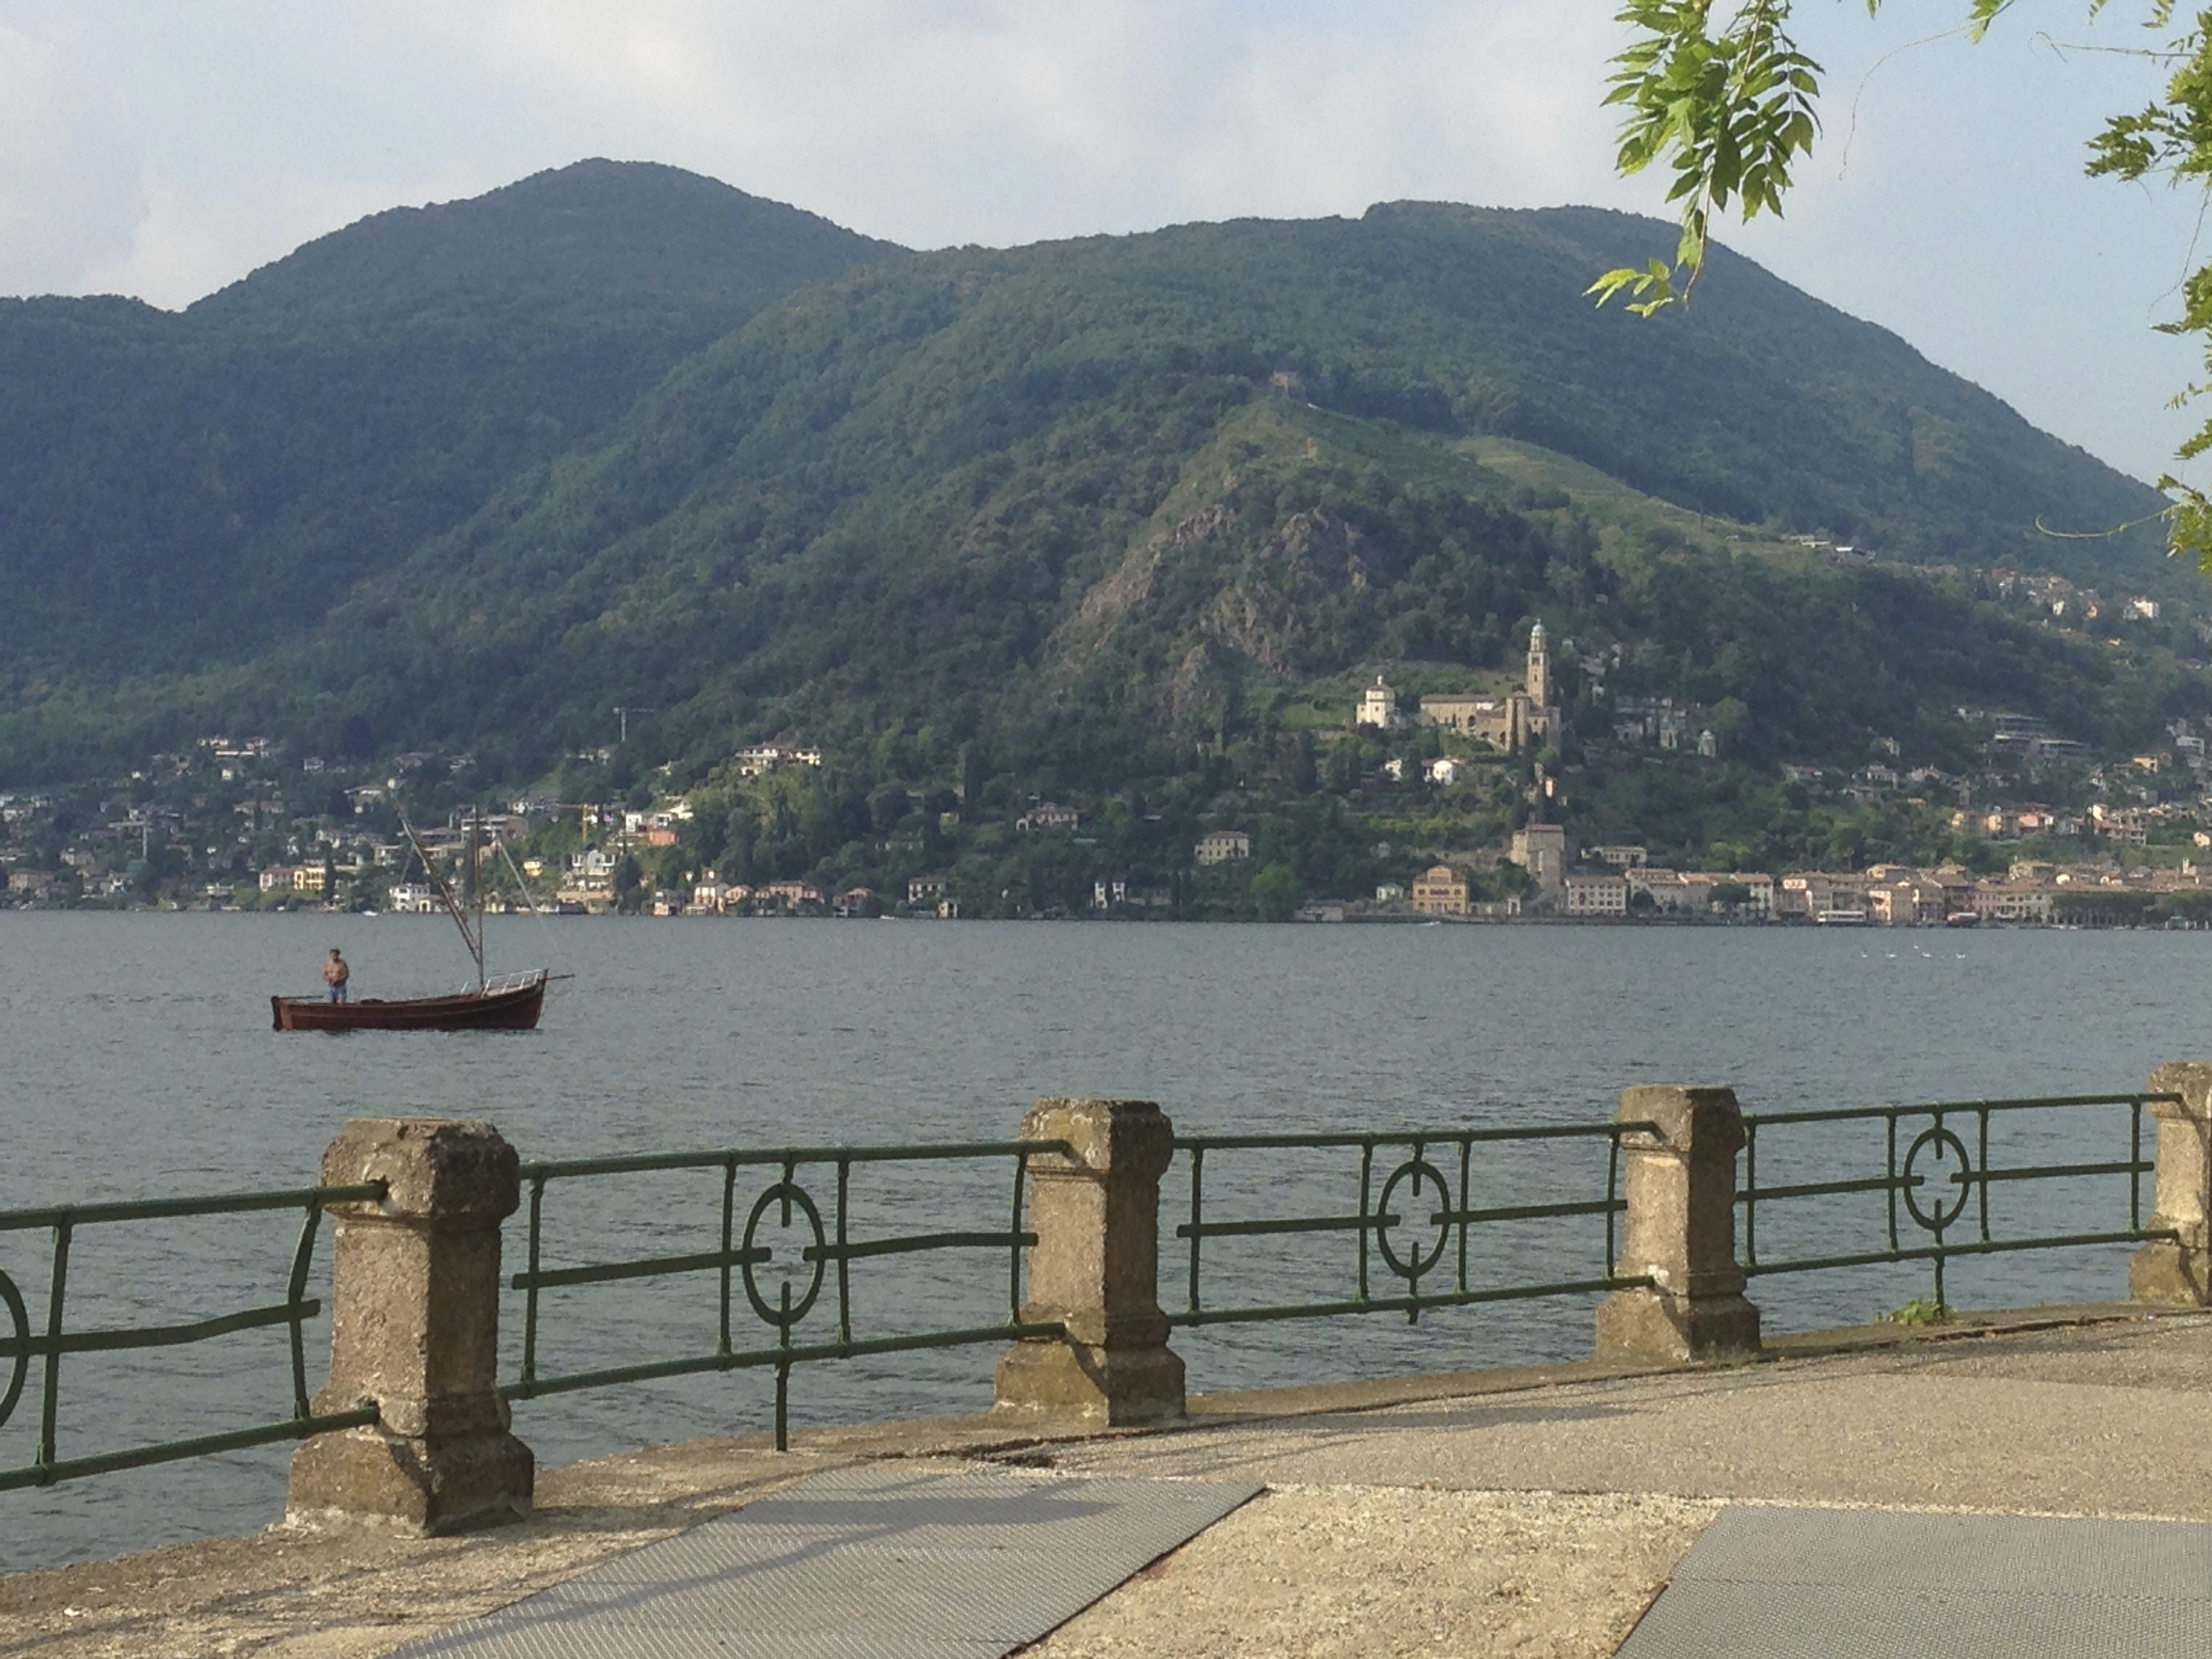 Da Porto Ceresio, un'immagine dell'omonimo lago con l'incantevole Morcote sul versante opposto